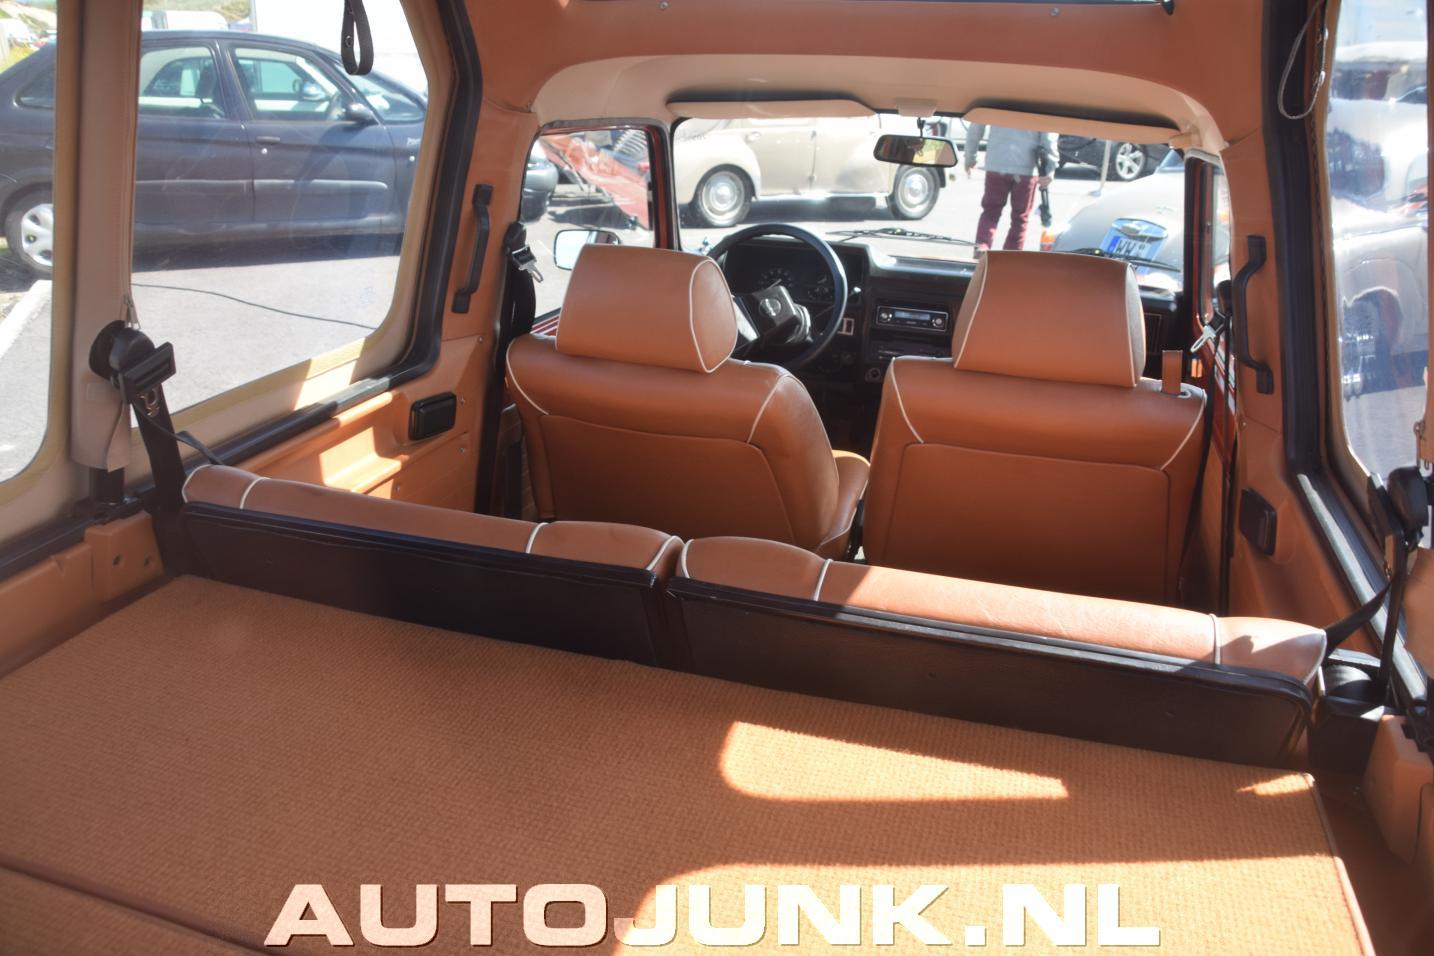 Matra Rancho Foto's » Autojunk.nl (240744